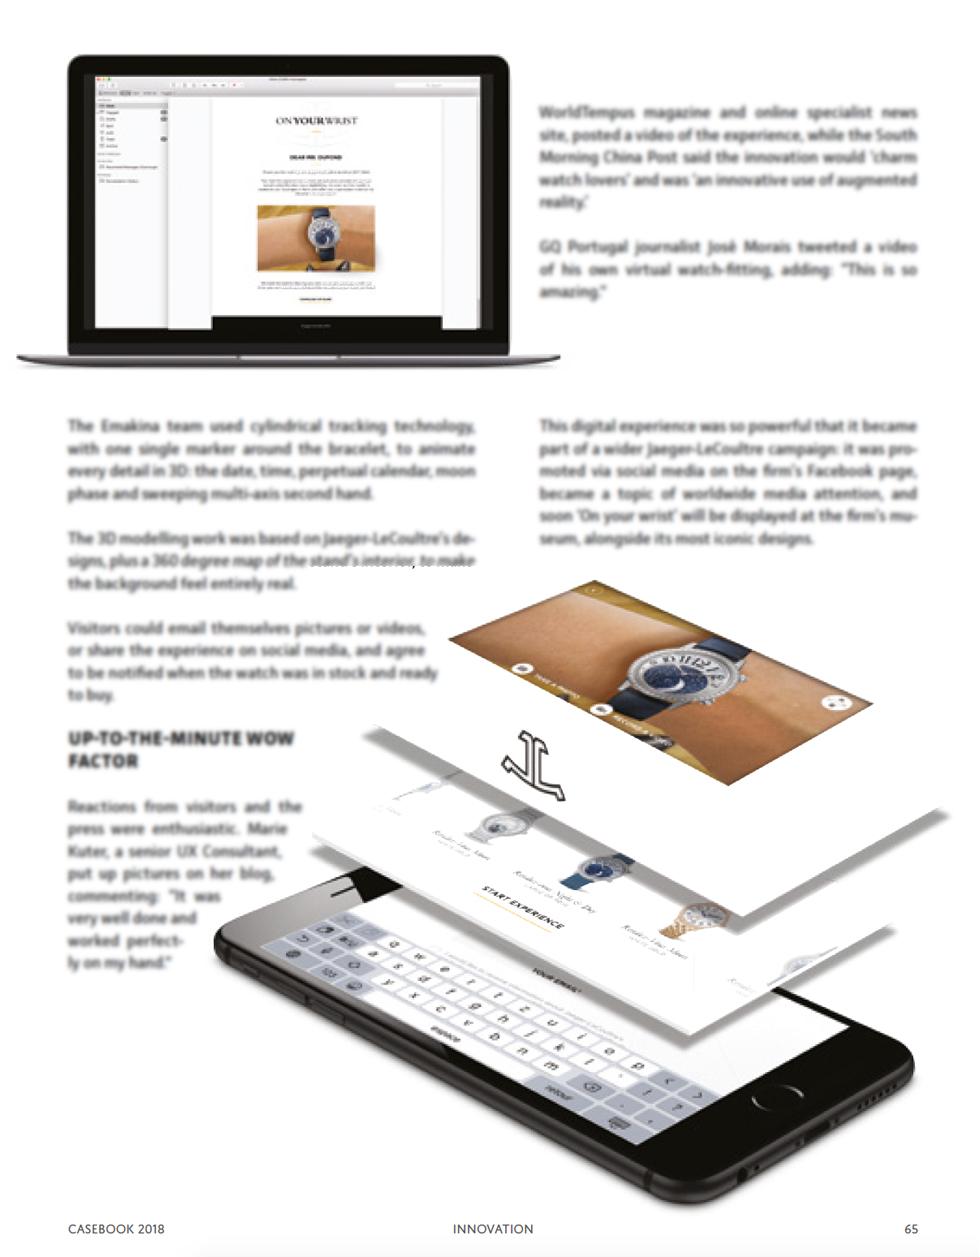 Casebook summary page 5